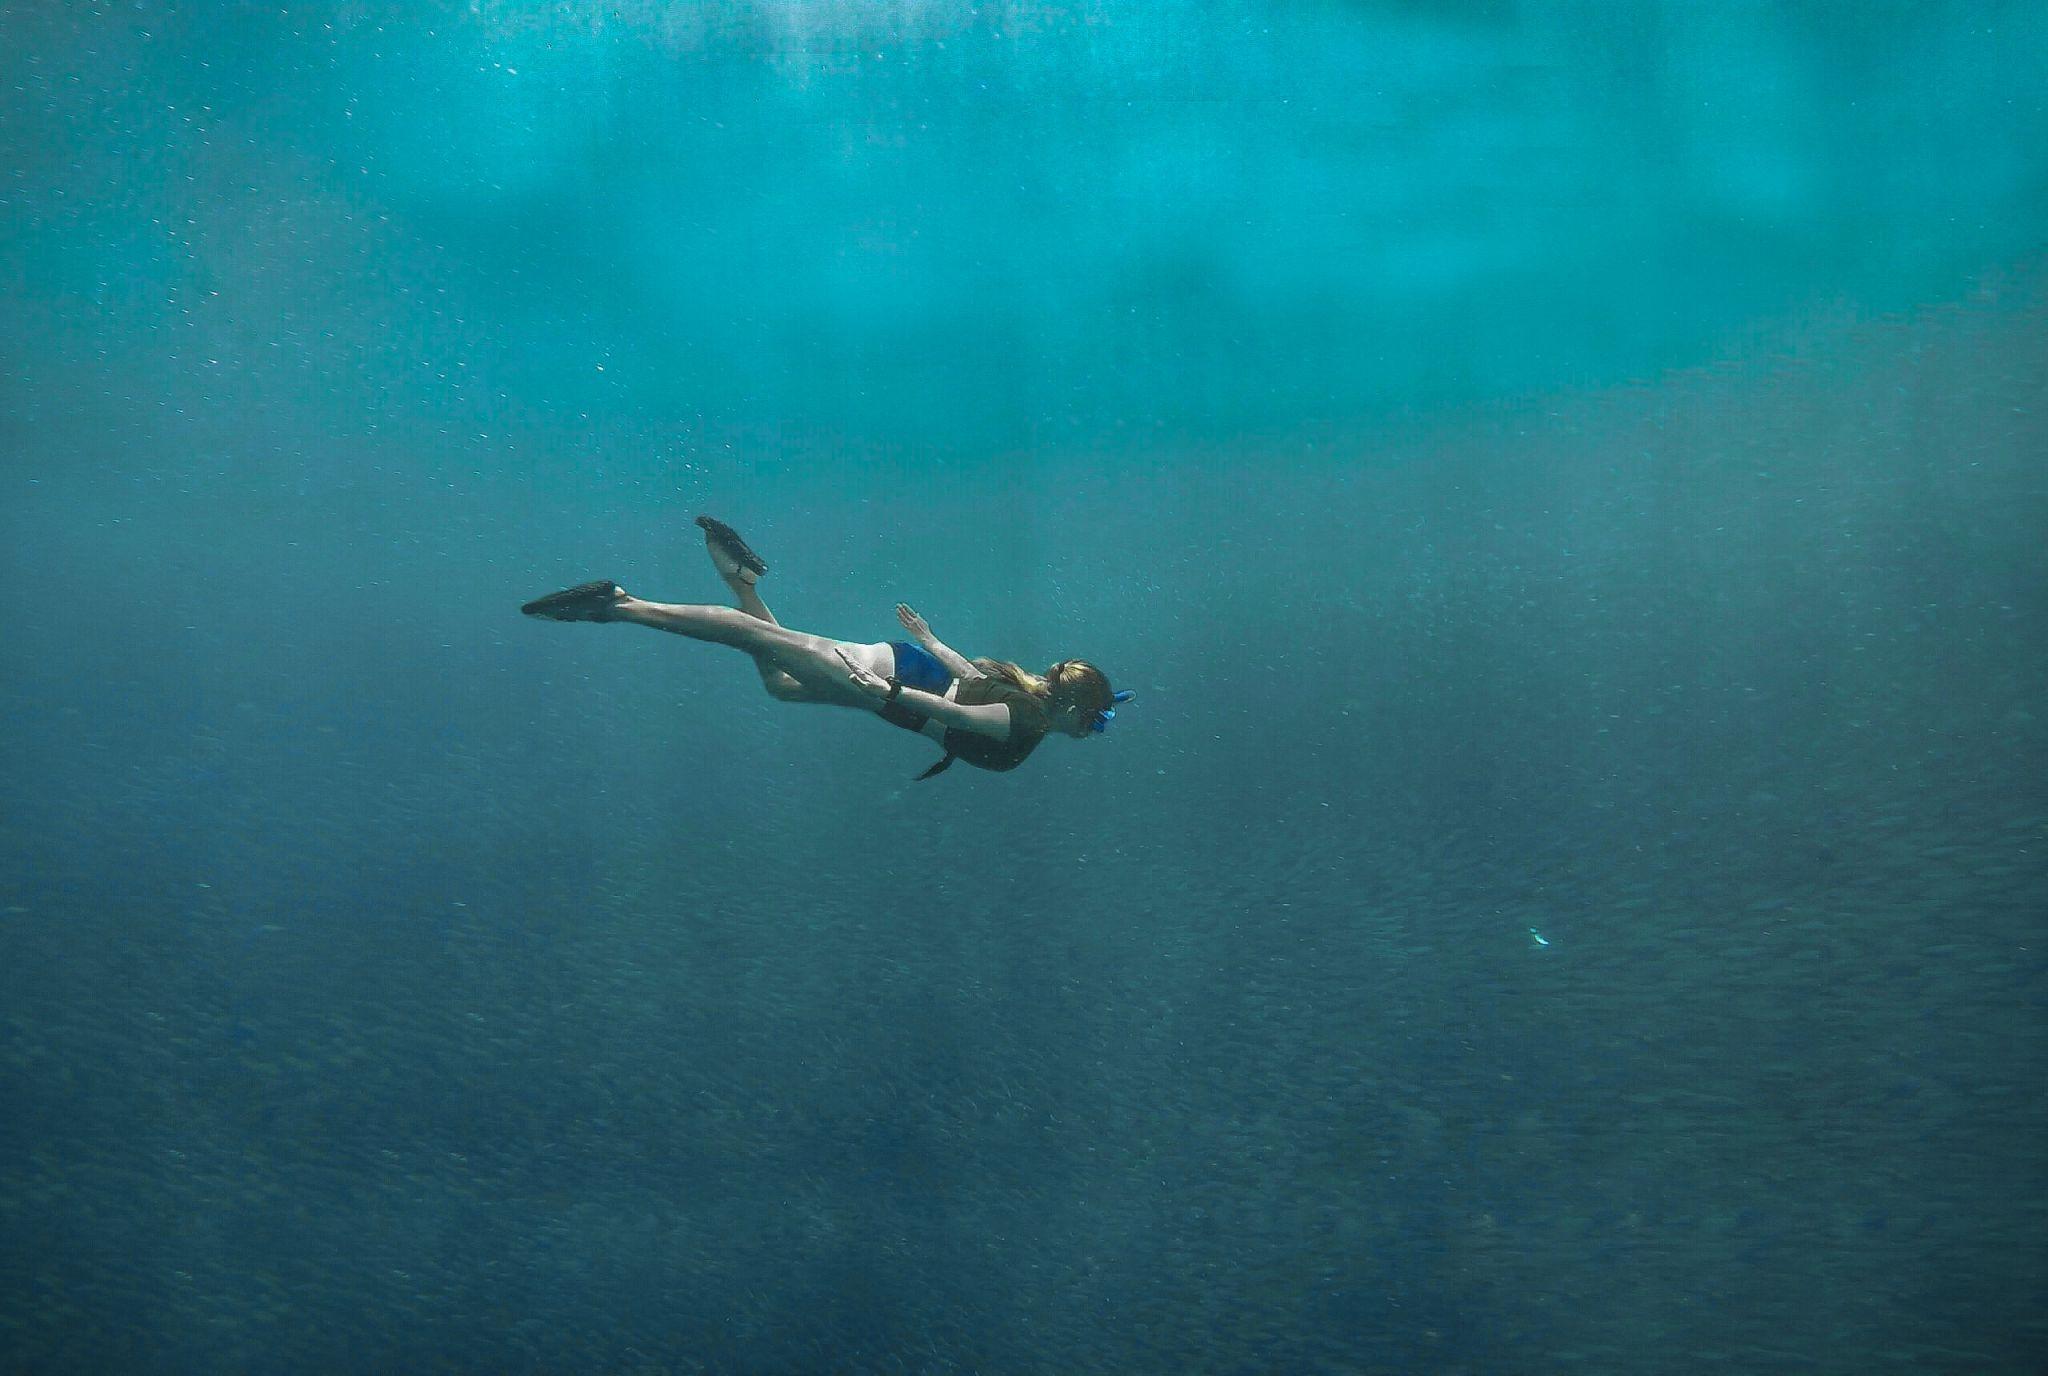 La panique pour ce plongeur qui voit passer au-dessus de lui un sous-marin !